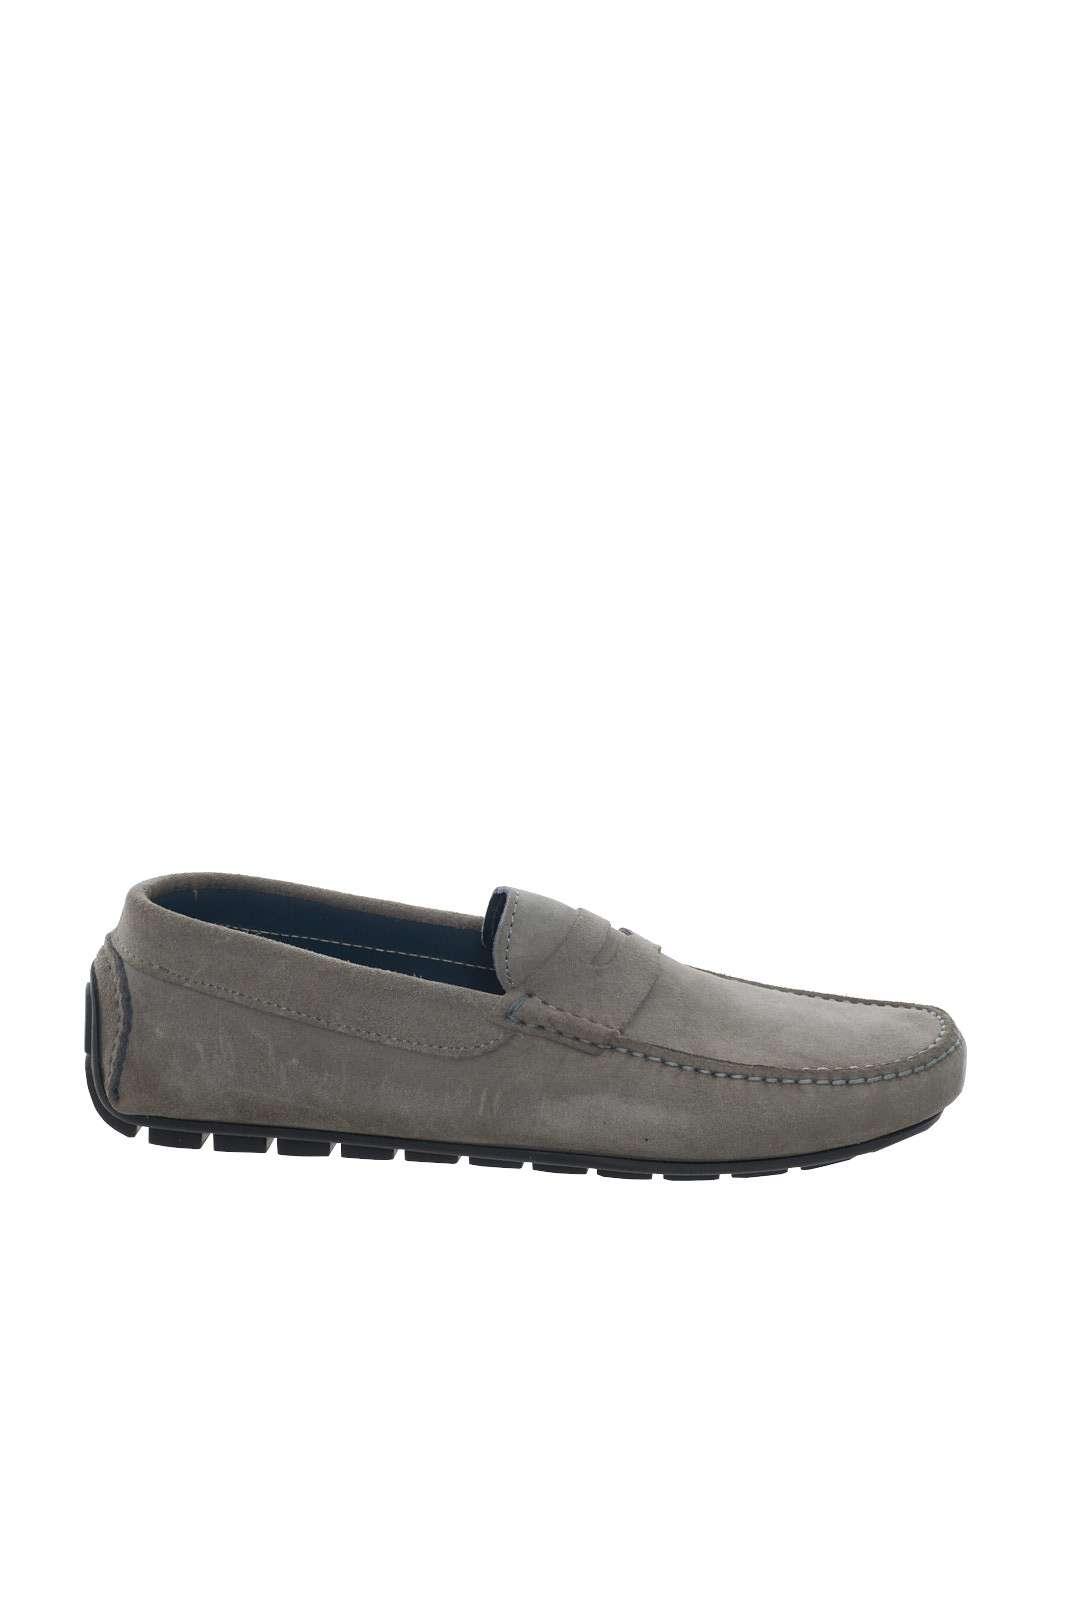 La calzatura elegante per eccellenza, il mocassino da uomo. In questo caso, Pregunta ne presenta uno scamosciato, in tinta unita, perfetto per look formali da ufficio, o per quelli più chic per le sere fuori.